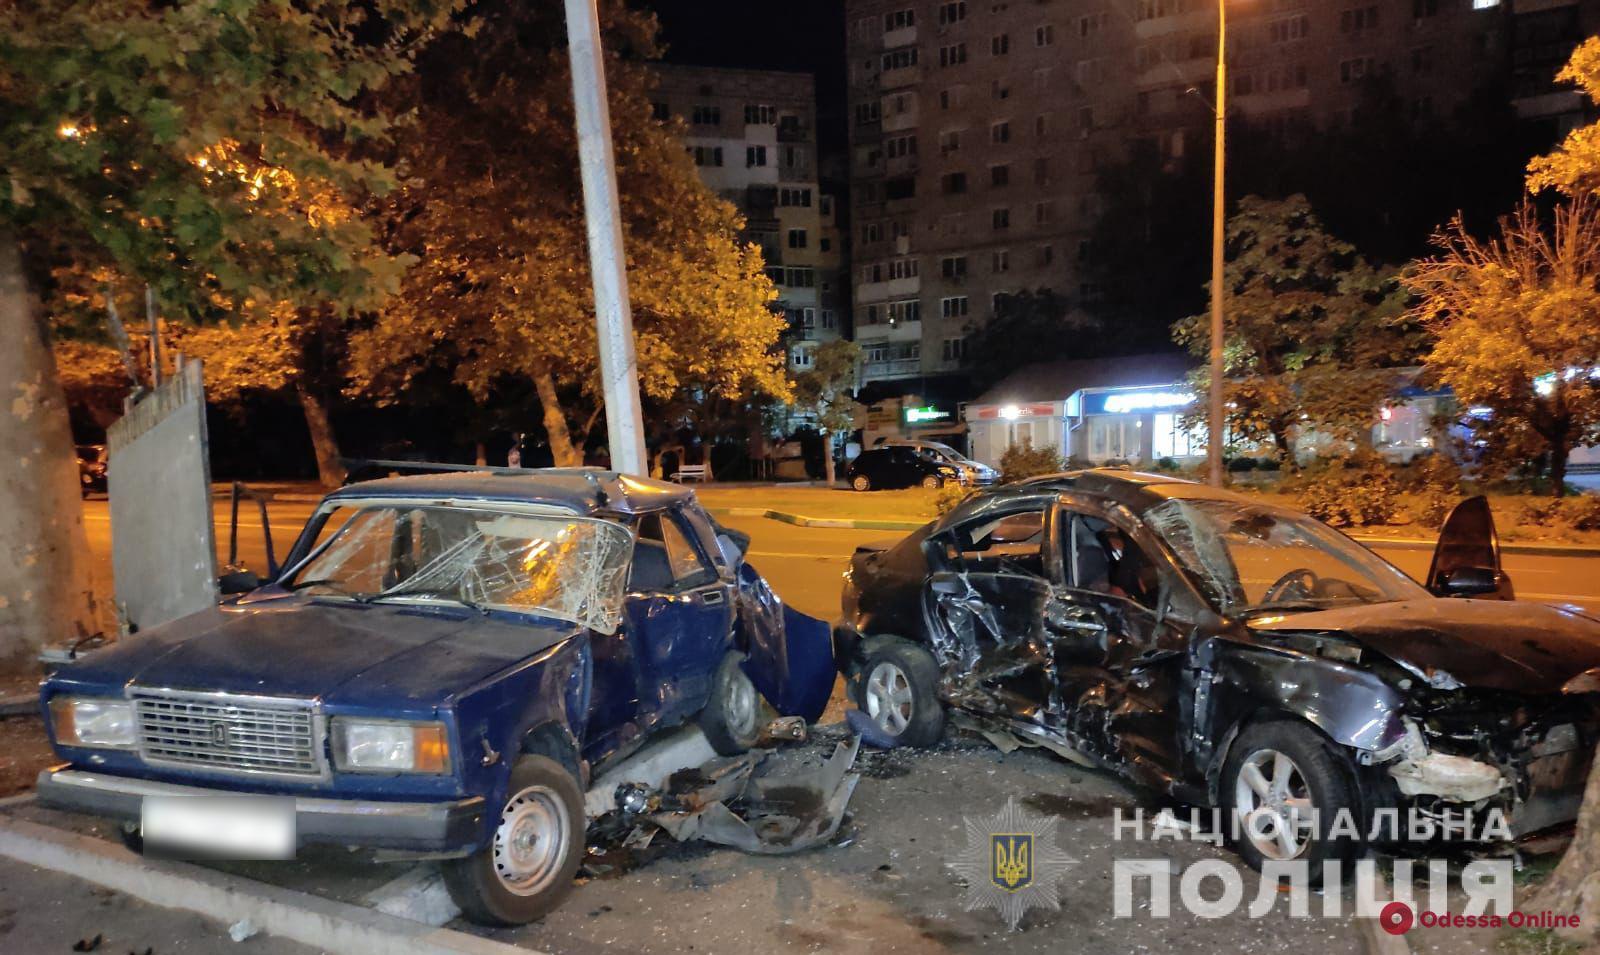 Переломы ребер: в Черноморске в ДТП пострадала 16-летняя девушка